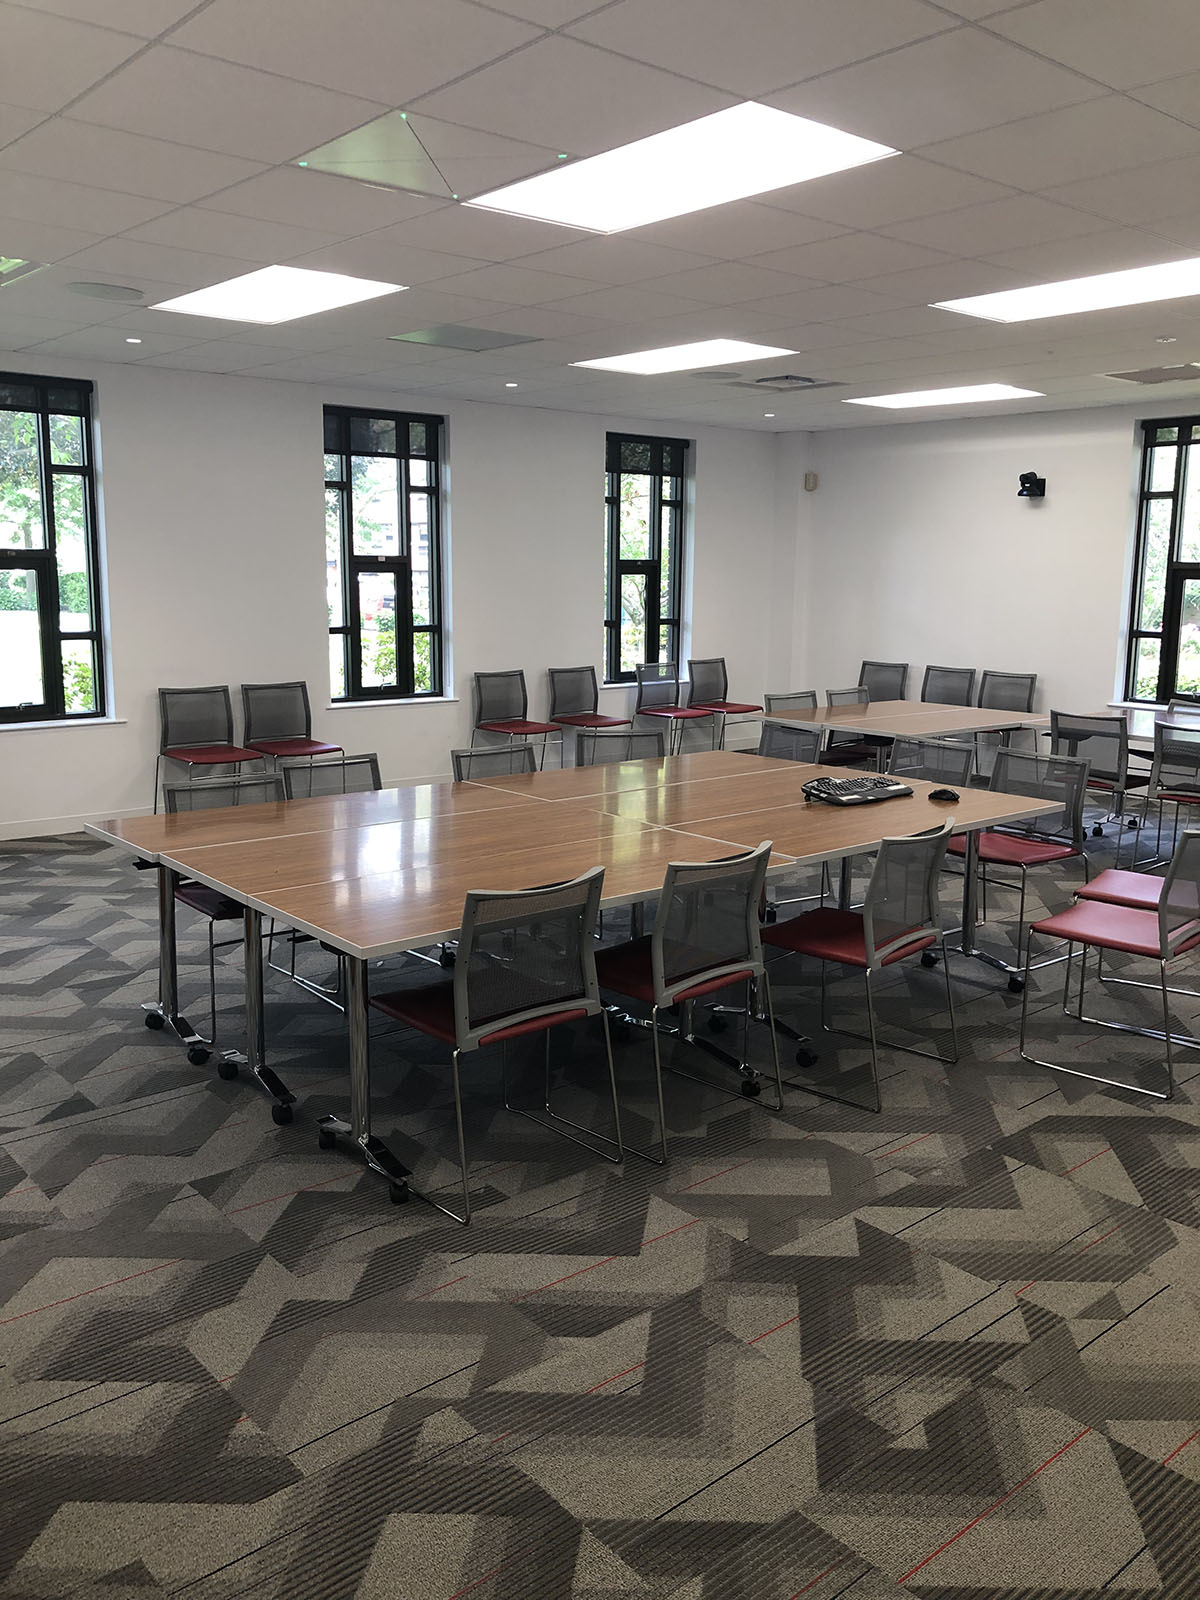 Потолочная микрофонная конференц-система Sennheiser TeamConnect в зале инклюзивно-ресурсного центра университета (фото предоставлено Университетом Св. Иоанна).